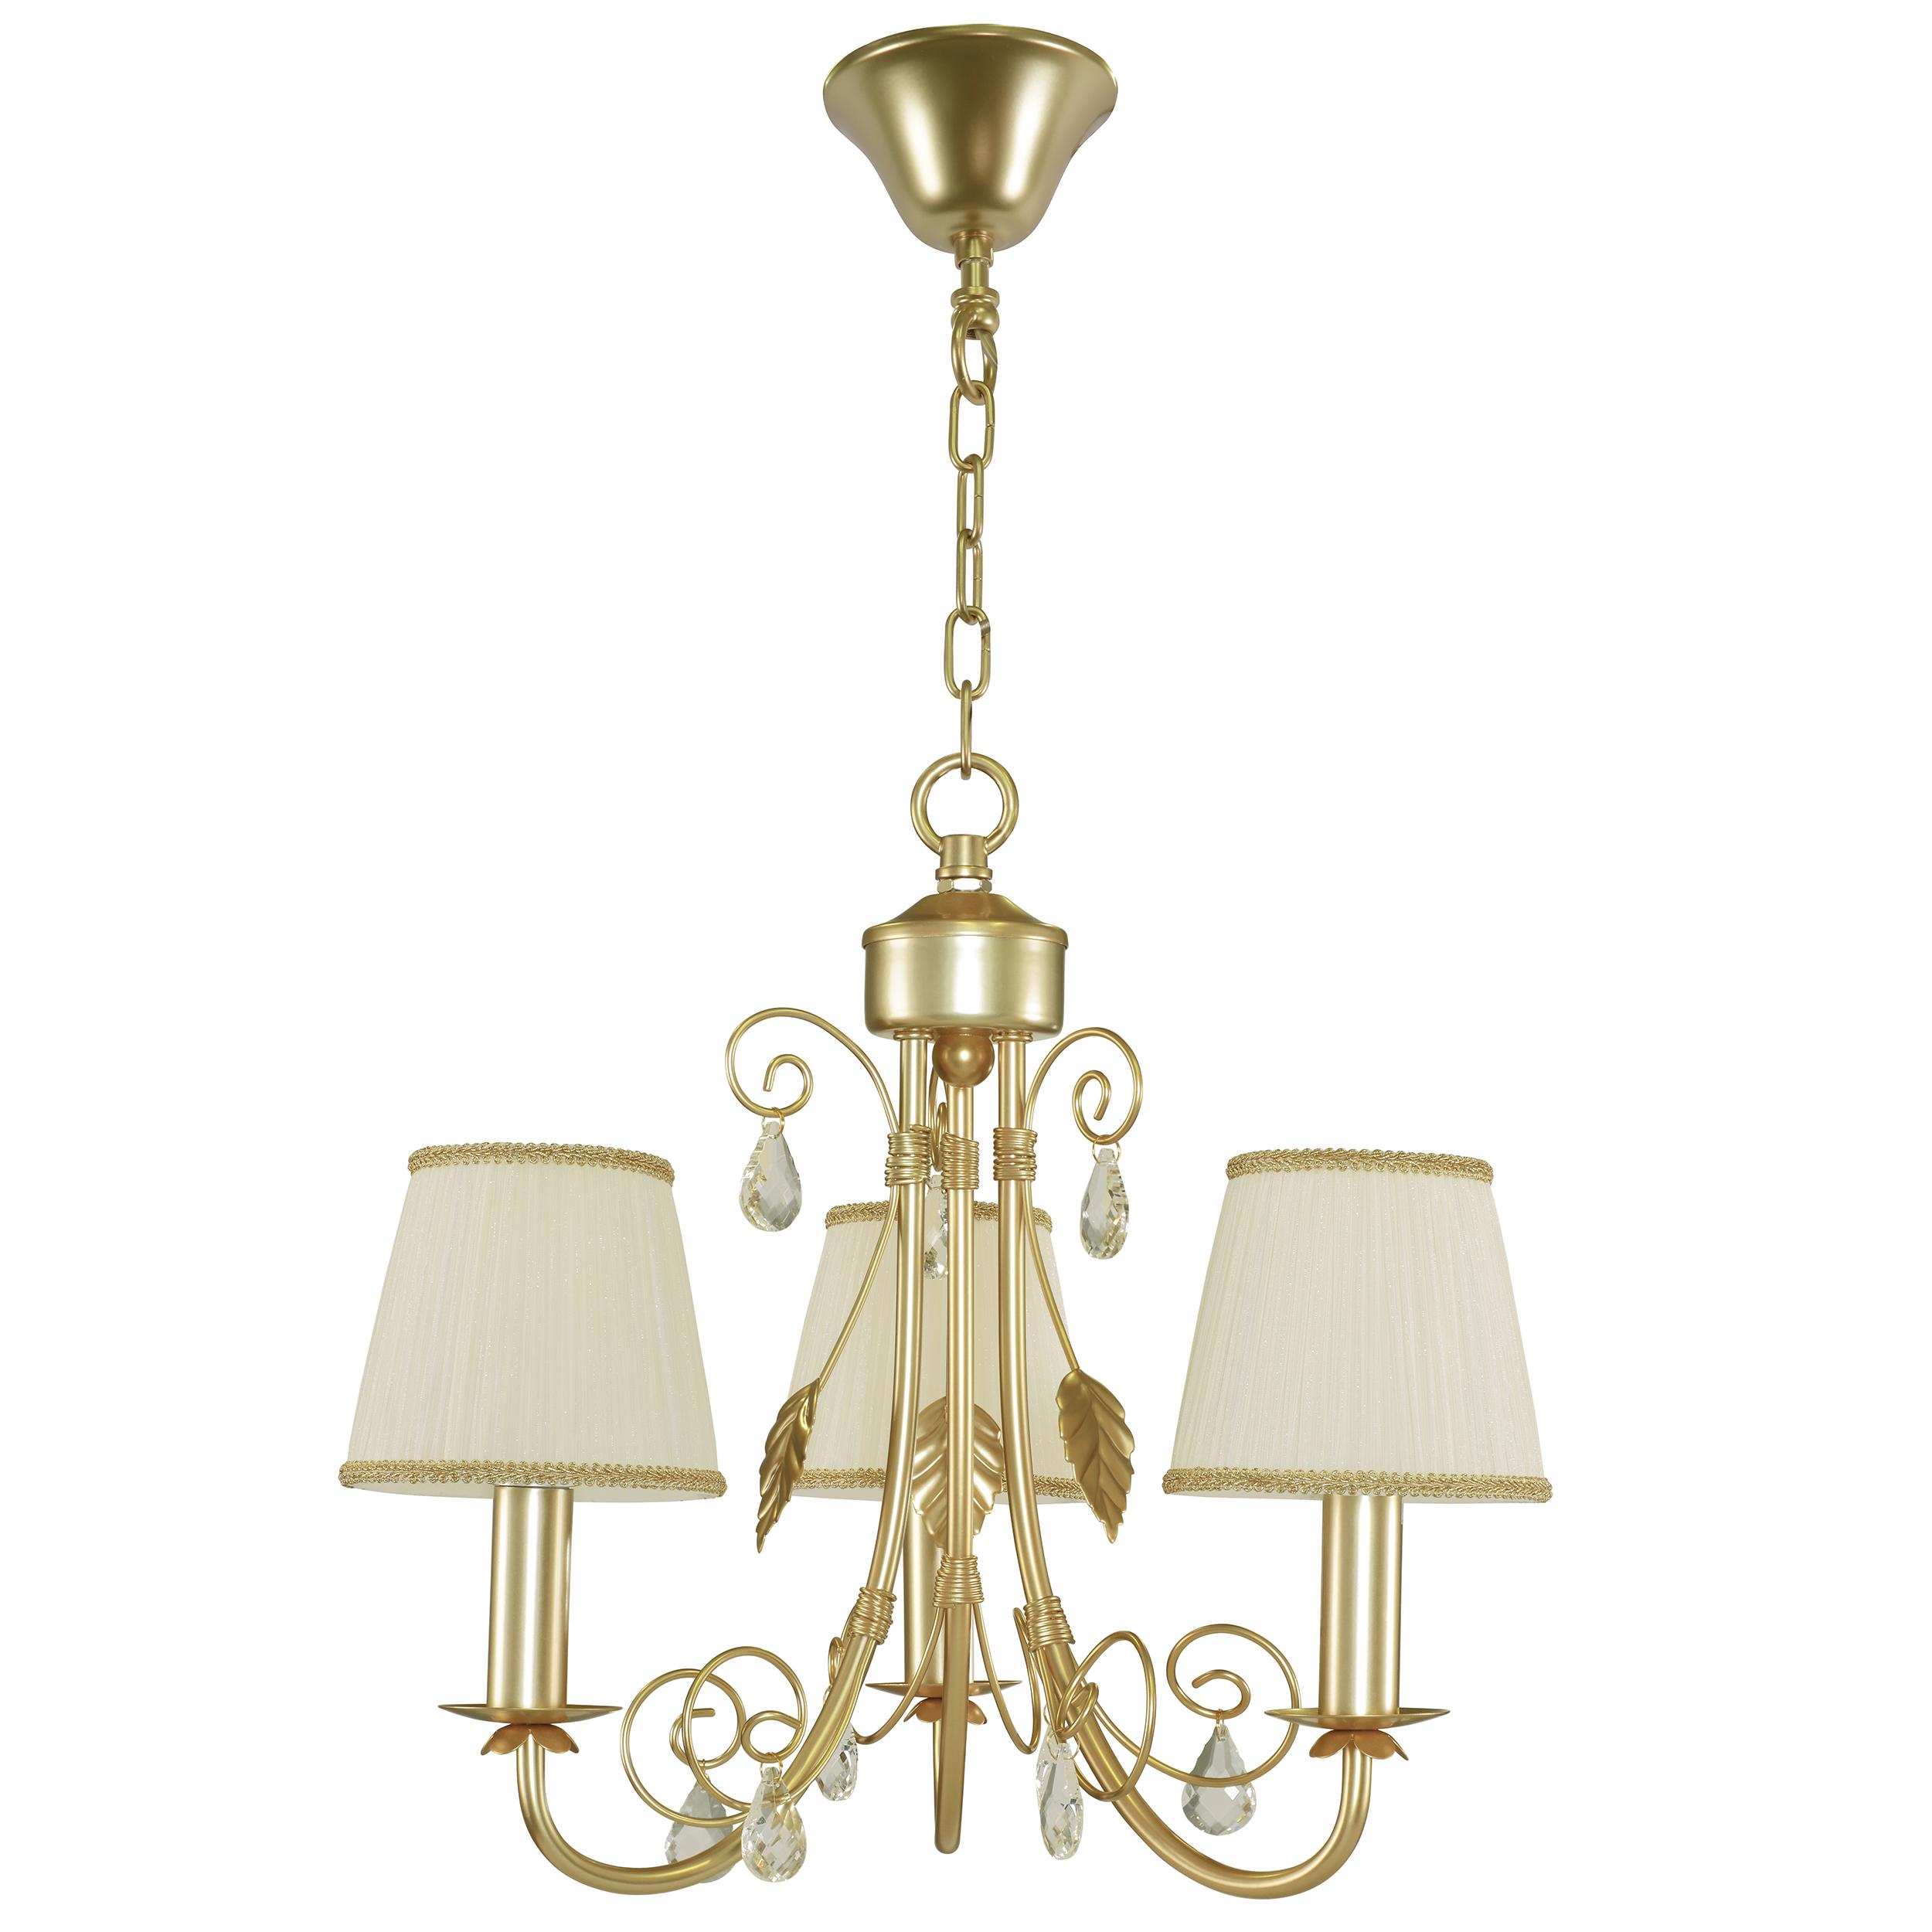 Подвесная люстра Lightstar Modesto 781032, 3xE14x40W, матовое золото, белый, прозрачный, металл, текстиль, хрусталь - фото 1